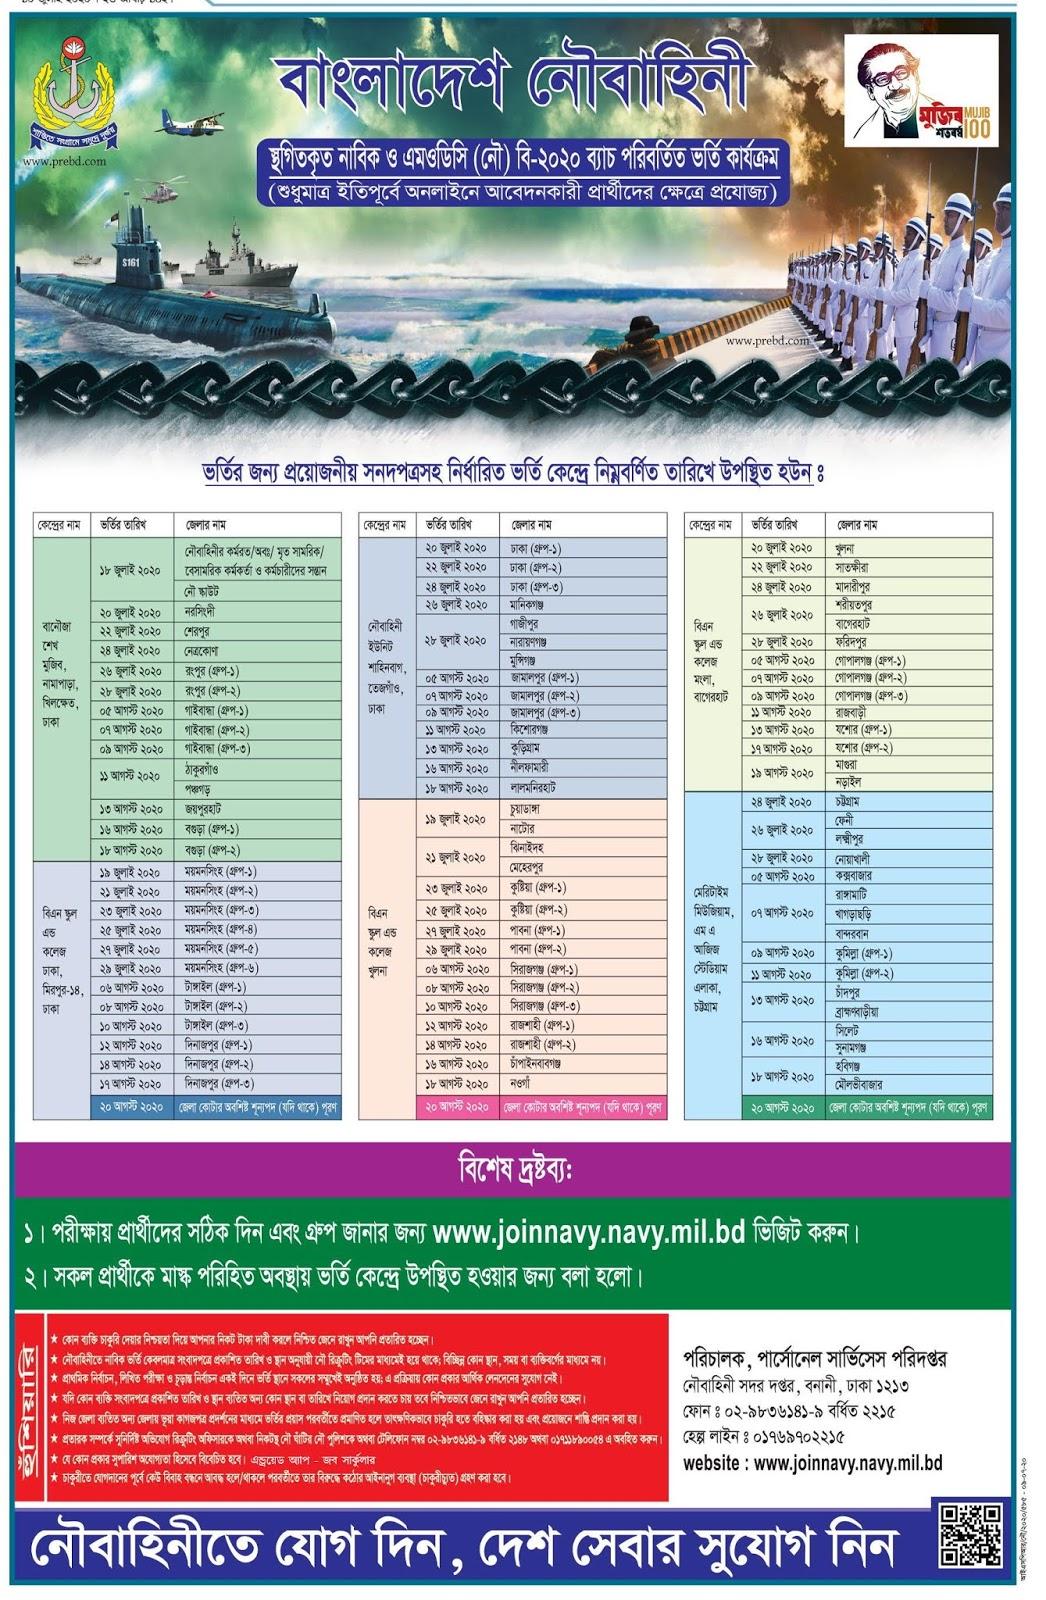 নৌবাহিনী নিয়োগ ২০২০ সার্কুলার-বাংলাদেশ নৌবাহিনী নিয়োগ বিজ্ঞপ্তি ২০২০ | Bangladesh navy job circular 2020